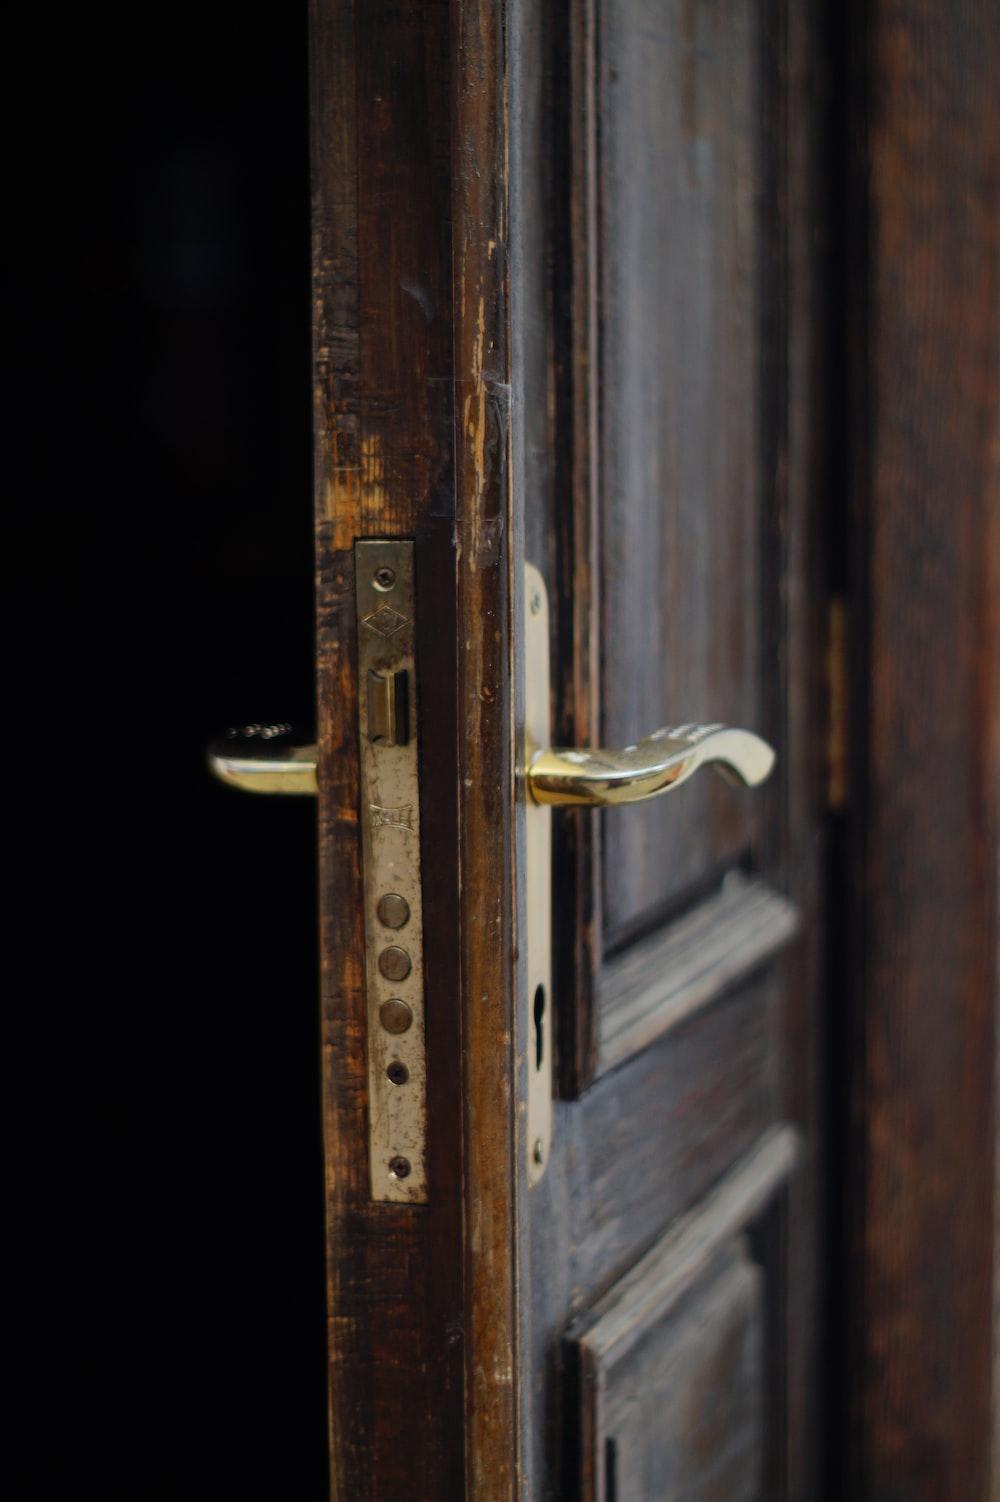 gold door lever on brown wooden door